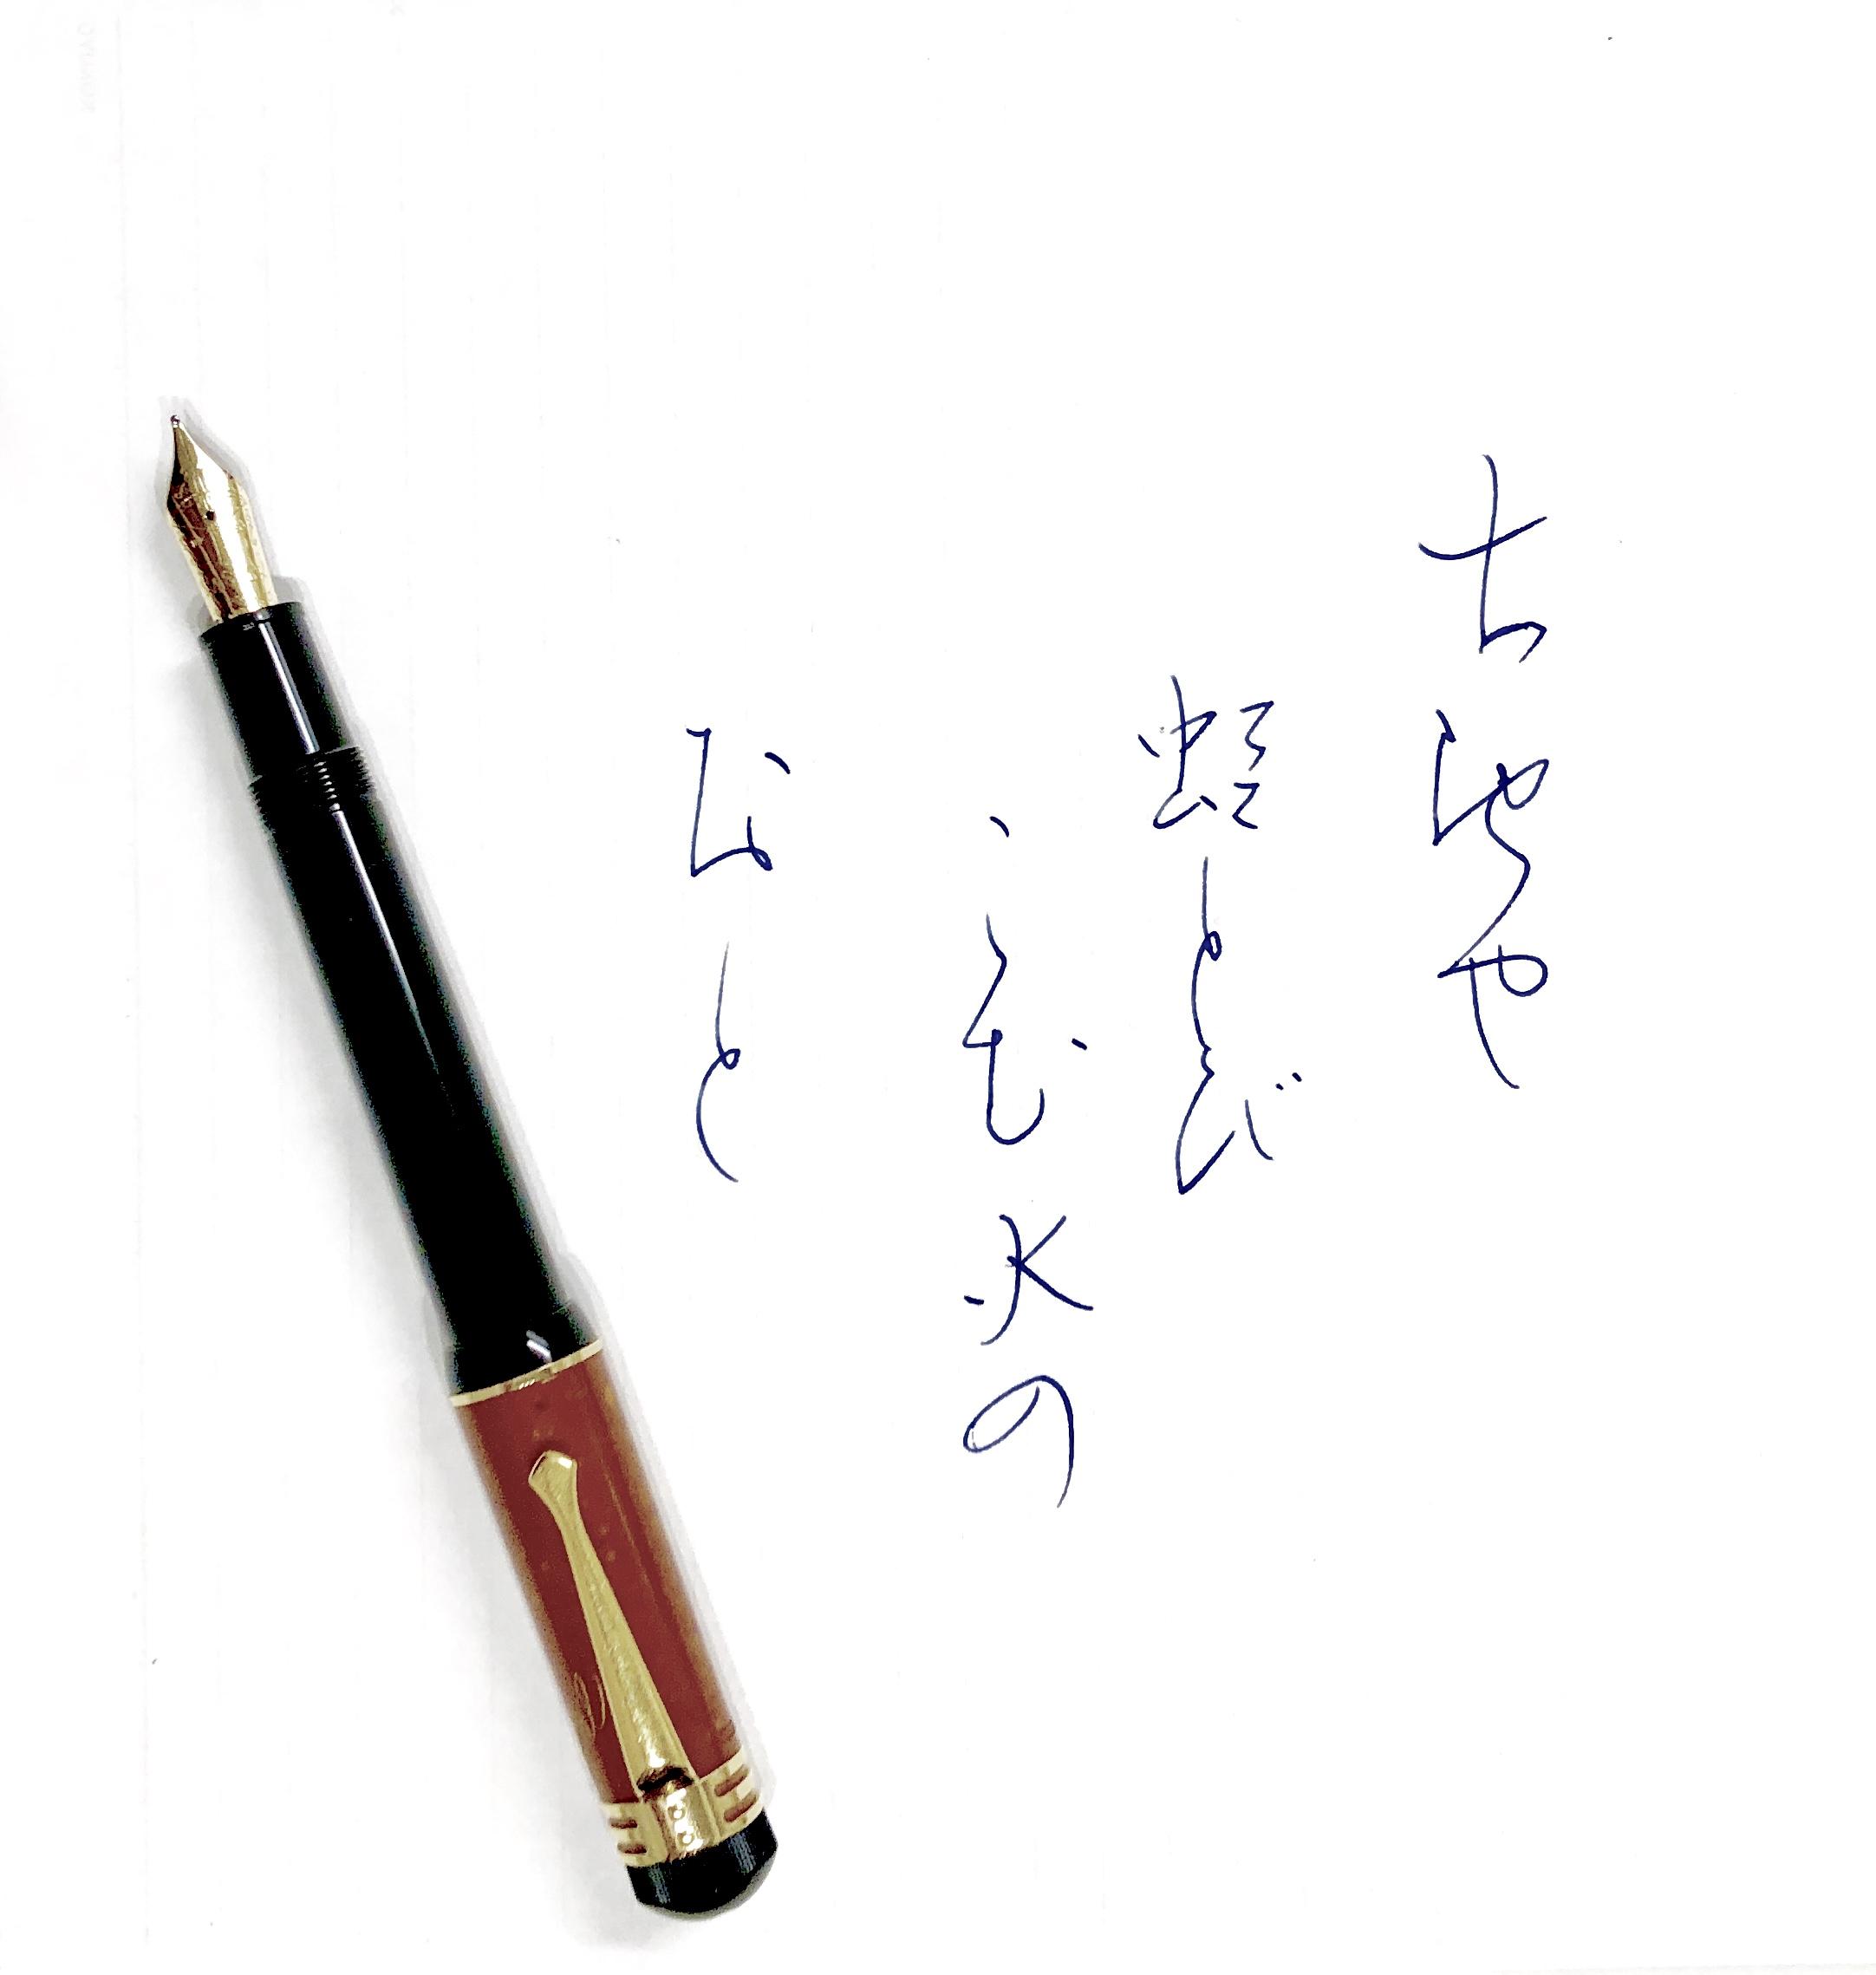 http://kanezaki.net/blog/penmanship-04.jpg